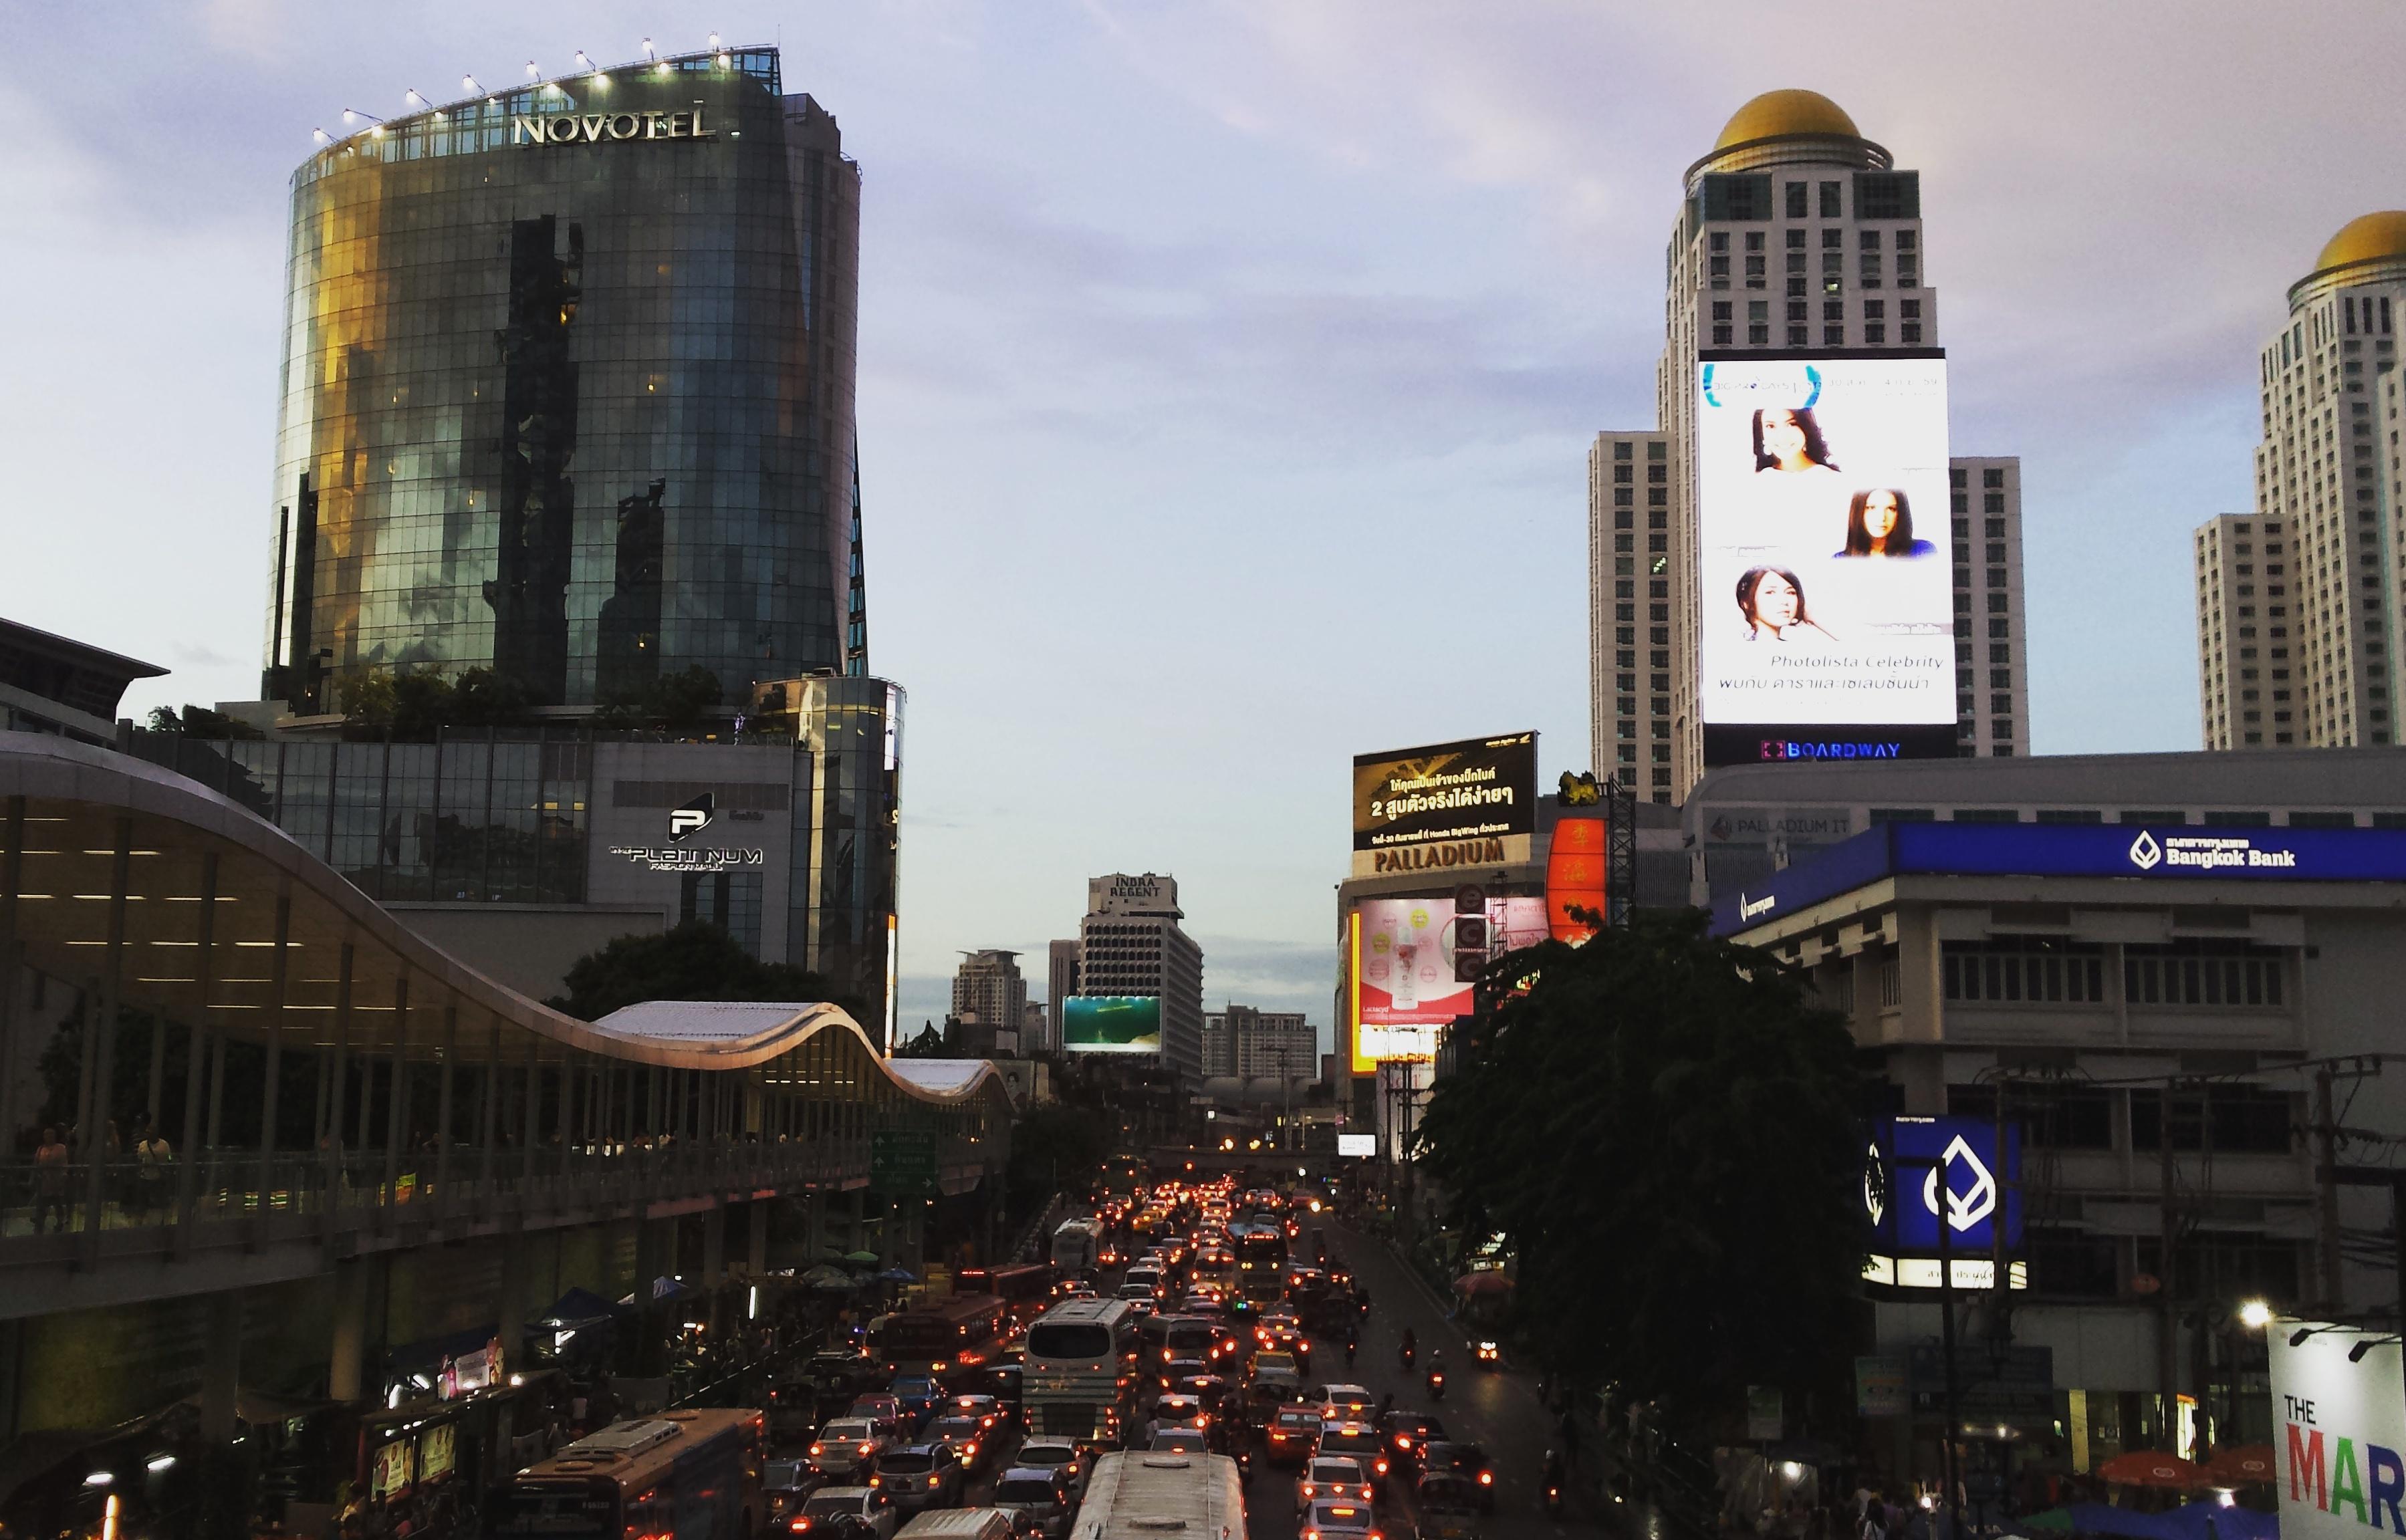 旅人を魅了し続ける街バンコクの魅力